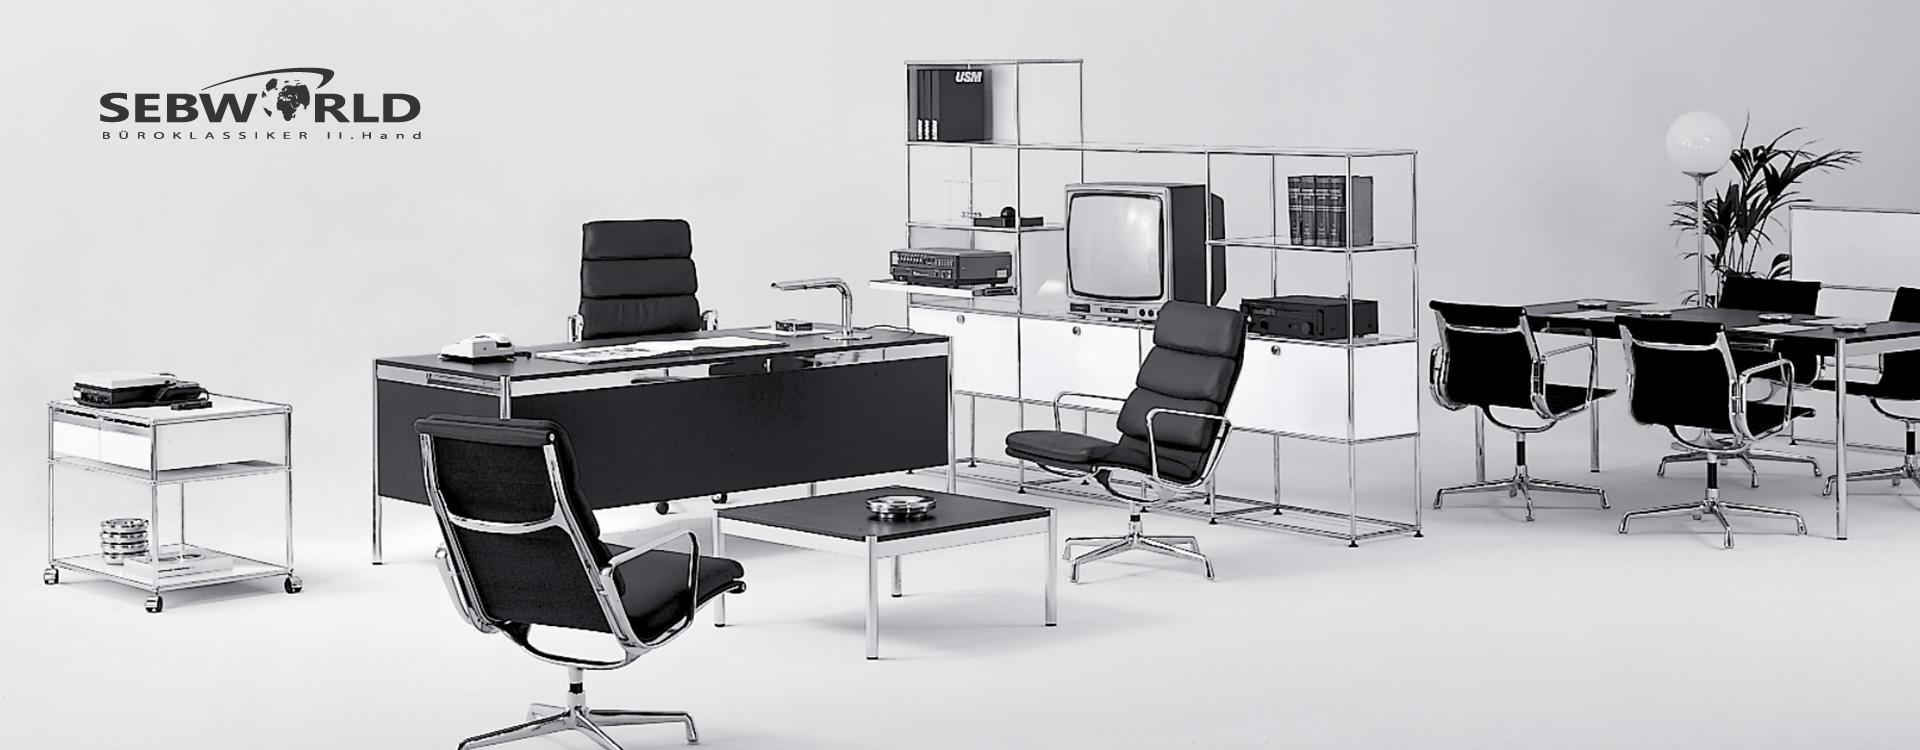 Layout und Konzept auf Shopware 5 der E-Commerce-Agentur: BS-Style GmbH. Darstellung einer Inneneinrichtung mit Designklassikern.